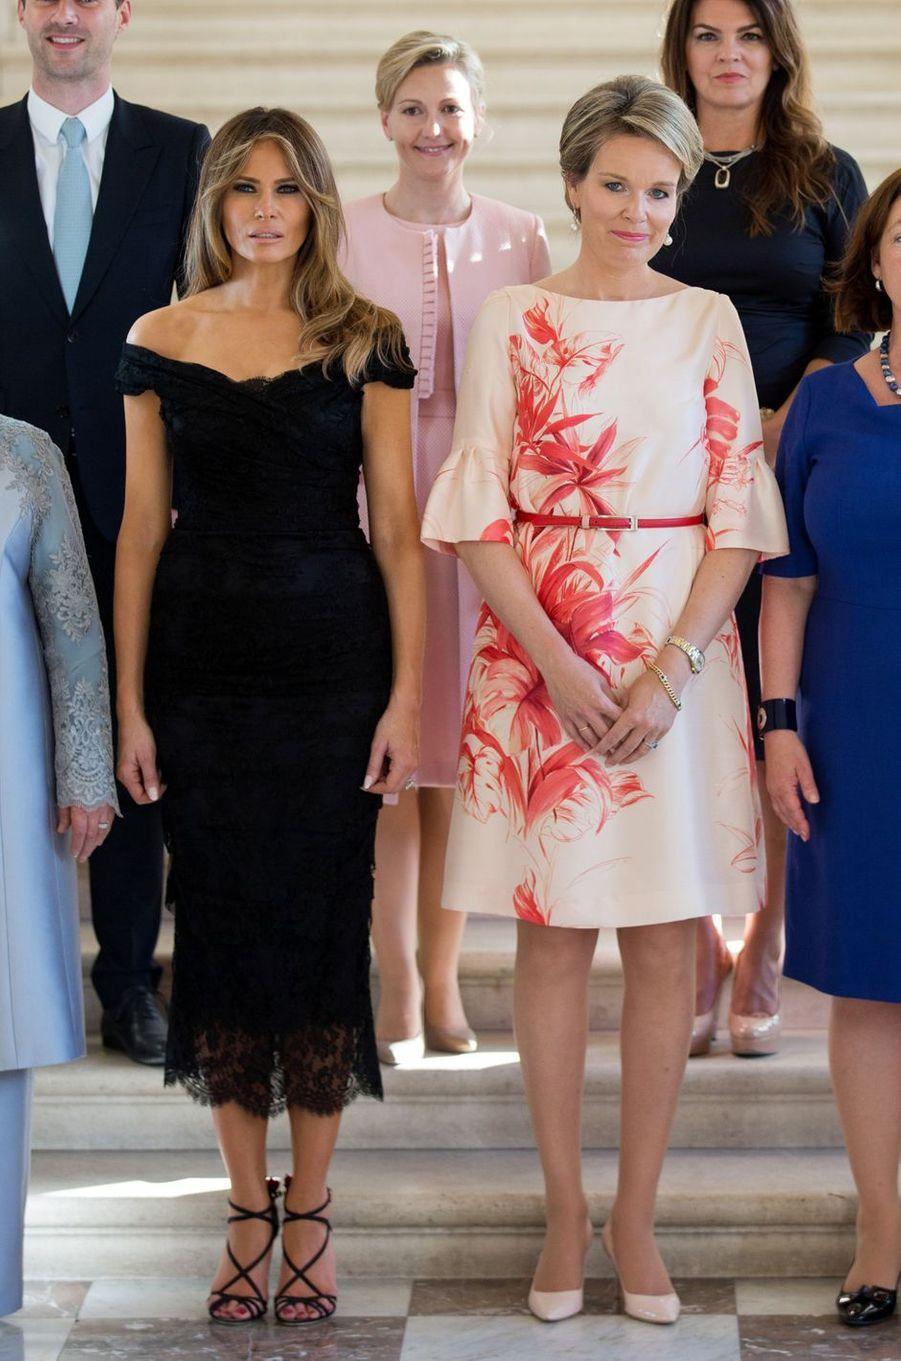 La reine Mathilde de Belgique et Melania Trump à Bruxelles, le 26 mai 2017